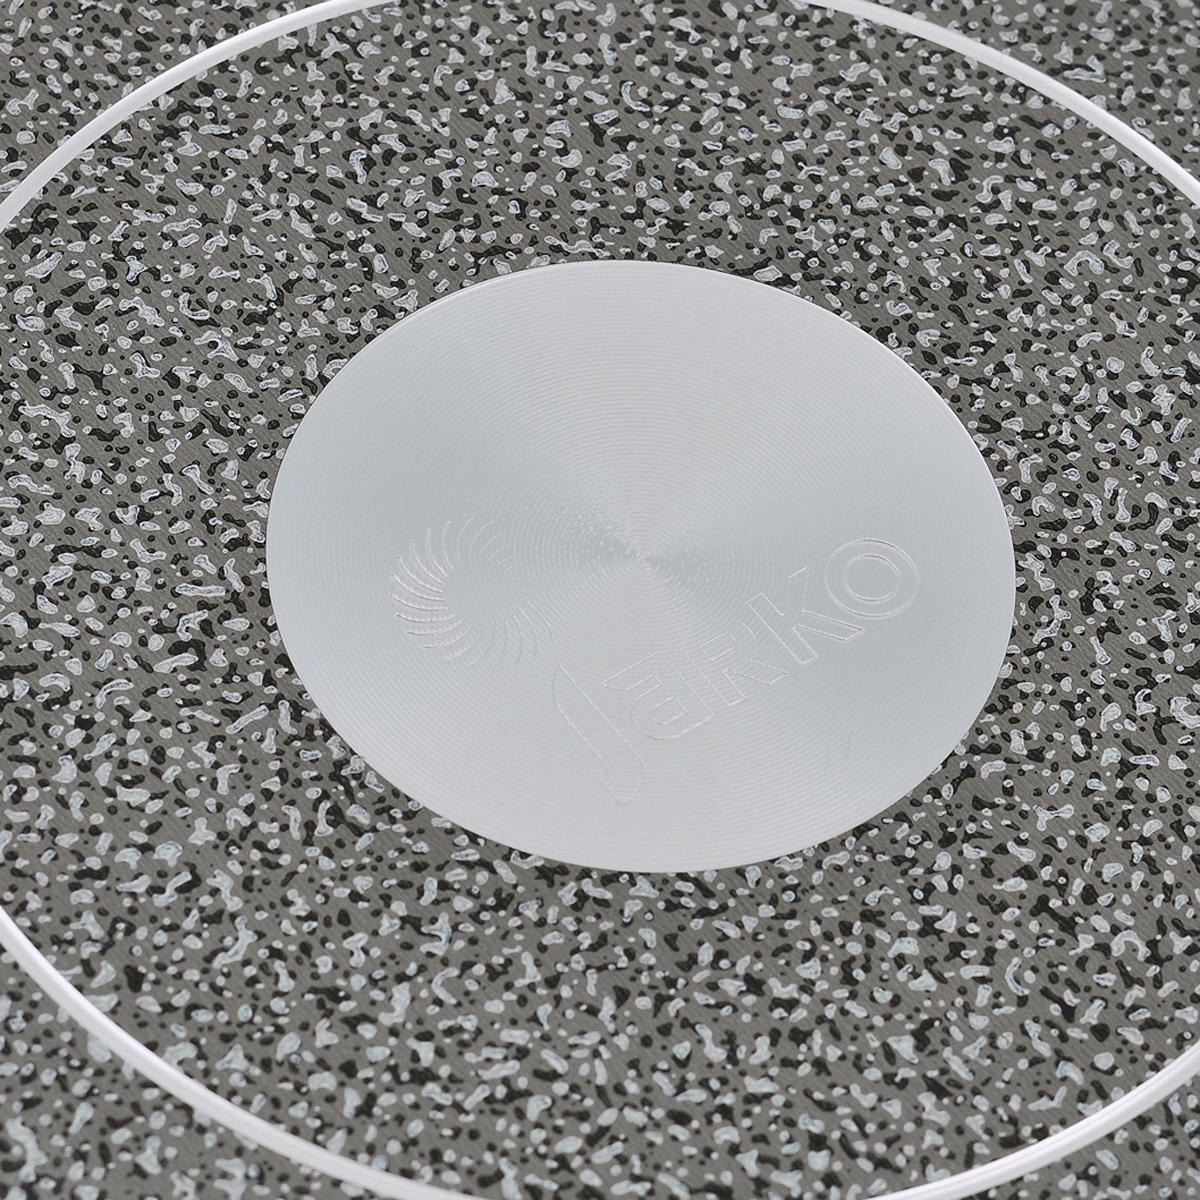 """Сковорода Jarko """"Onyx"""" изготовлена из экологичного алюминия с пятислойным внутренним и внешним антипригарным покрытием нового поколения PTFE Greblon. Она имеет 2 дополнительных слоя с эффектом каменного покрытия от Weilburger. Покрытие не оставляет послевкусия, делает возможным приготовление блюд без масла, сохраняет витамины и питательные вещества. Оно обладает повышенной стойкостью к царапинам и внешним воздействиям. Внешнее декоративное покрытие выдерживает высокую температуру. Съемная бакелитовая ручка не нагревается в процессе приготовления пищи. Сковорода пригодна для использования на всех типах плит, кроме индукционных. Подходит для чистки в посудомоечной машине. Не применять абразивные чистящие средства. Не использовать жесткие щетки."""